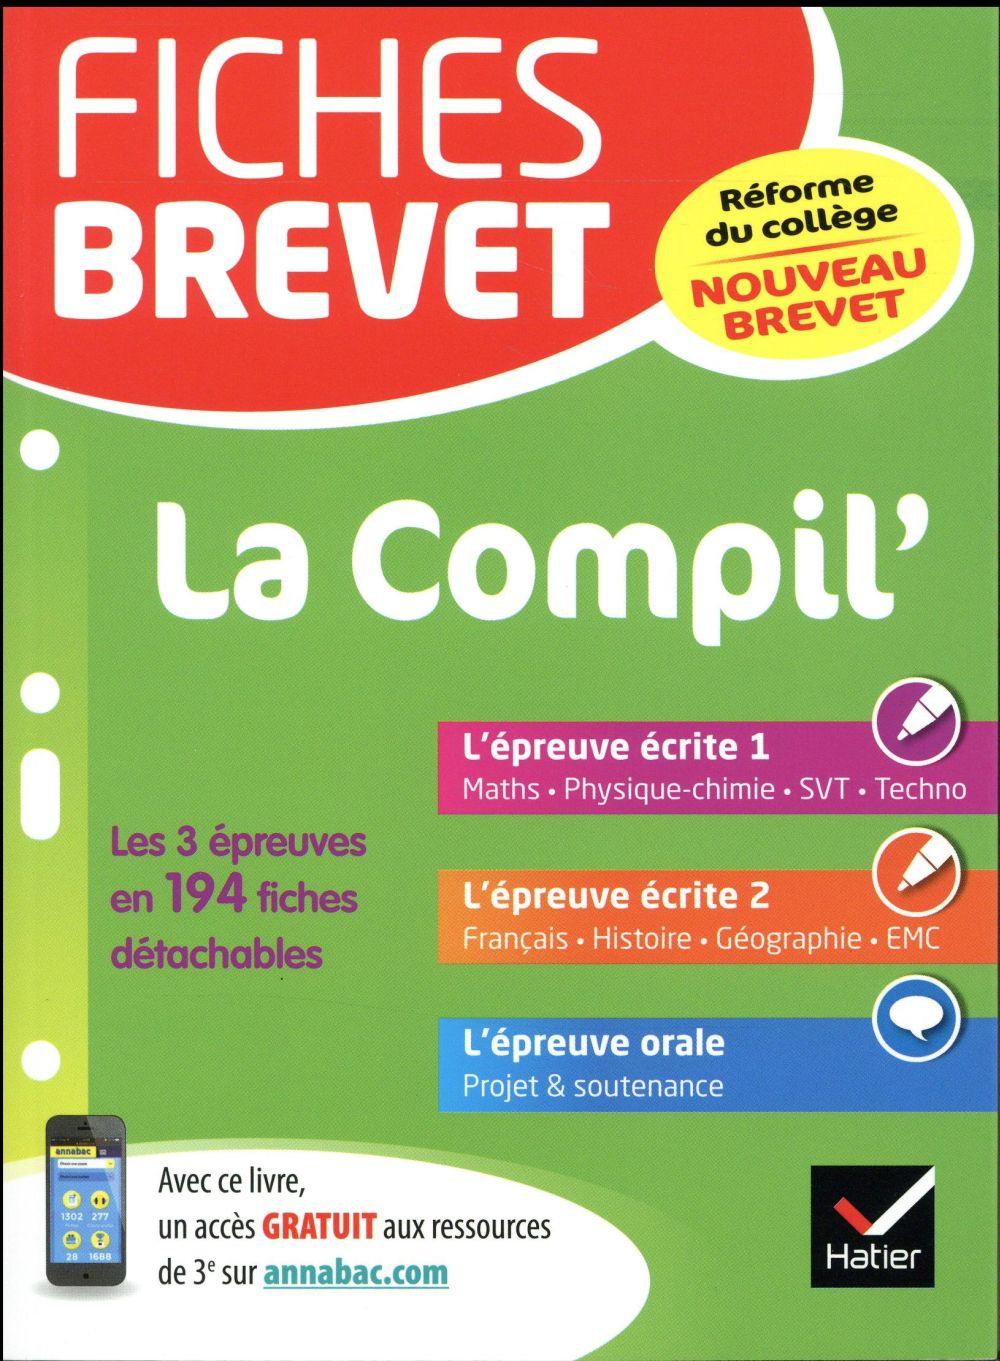 FICHES BREVET LA COMPIL' DU BREVET - FICHES DE REVISION POUR LES 3 EPREUVES